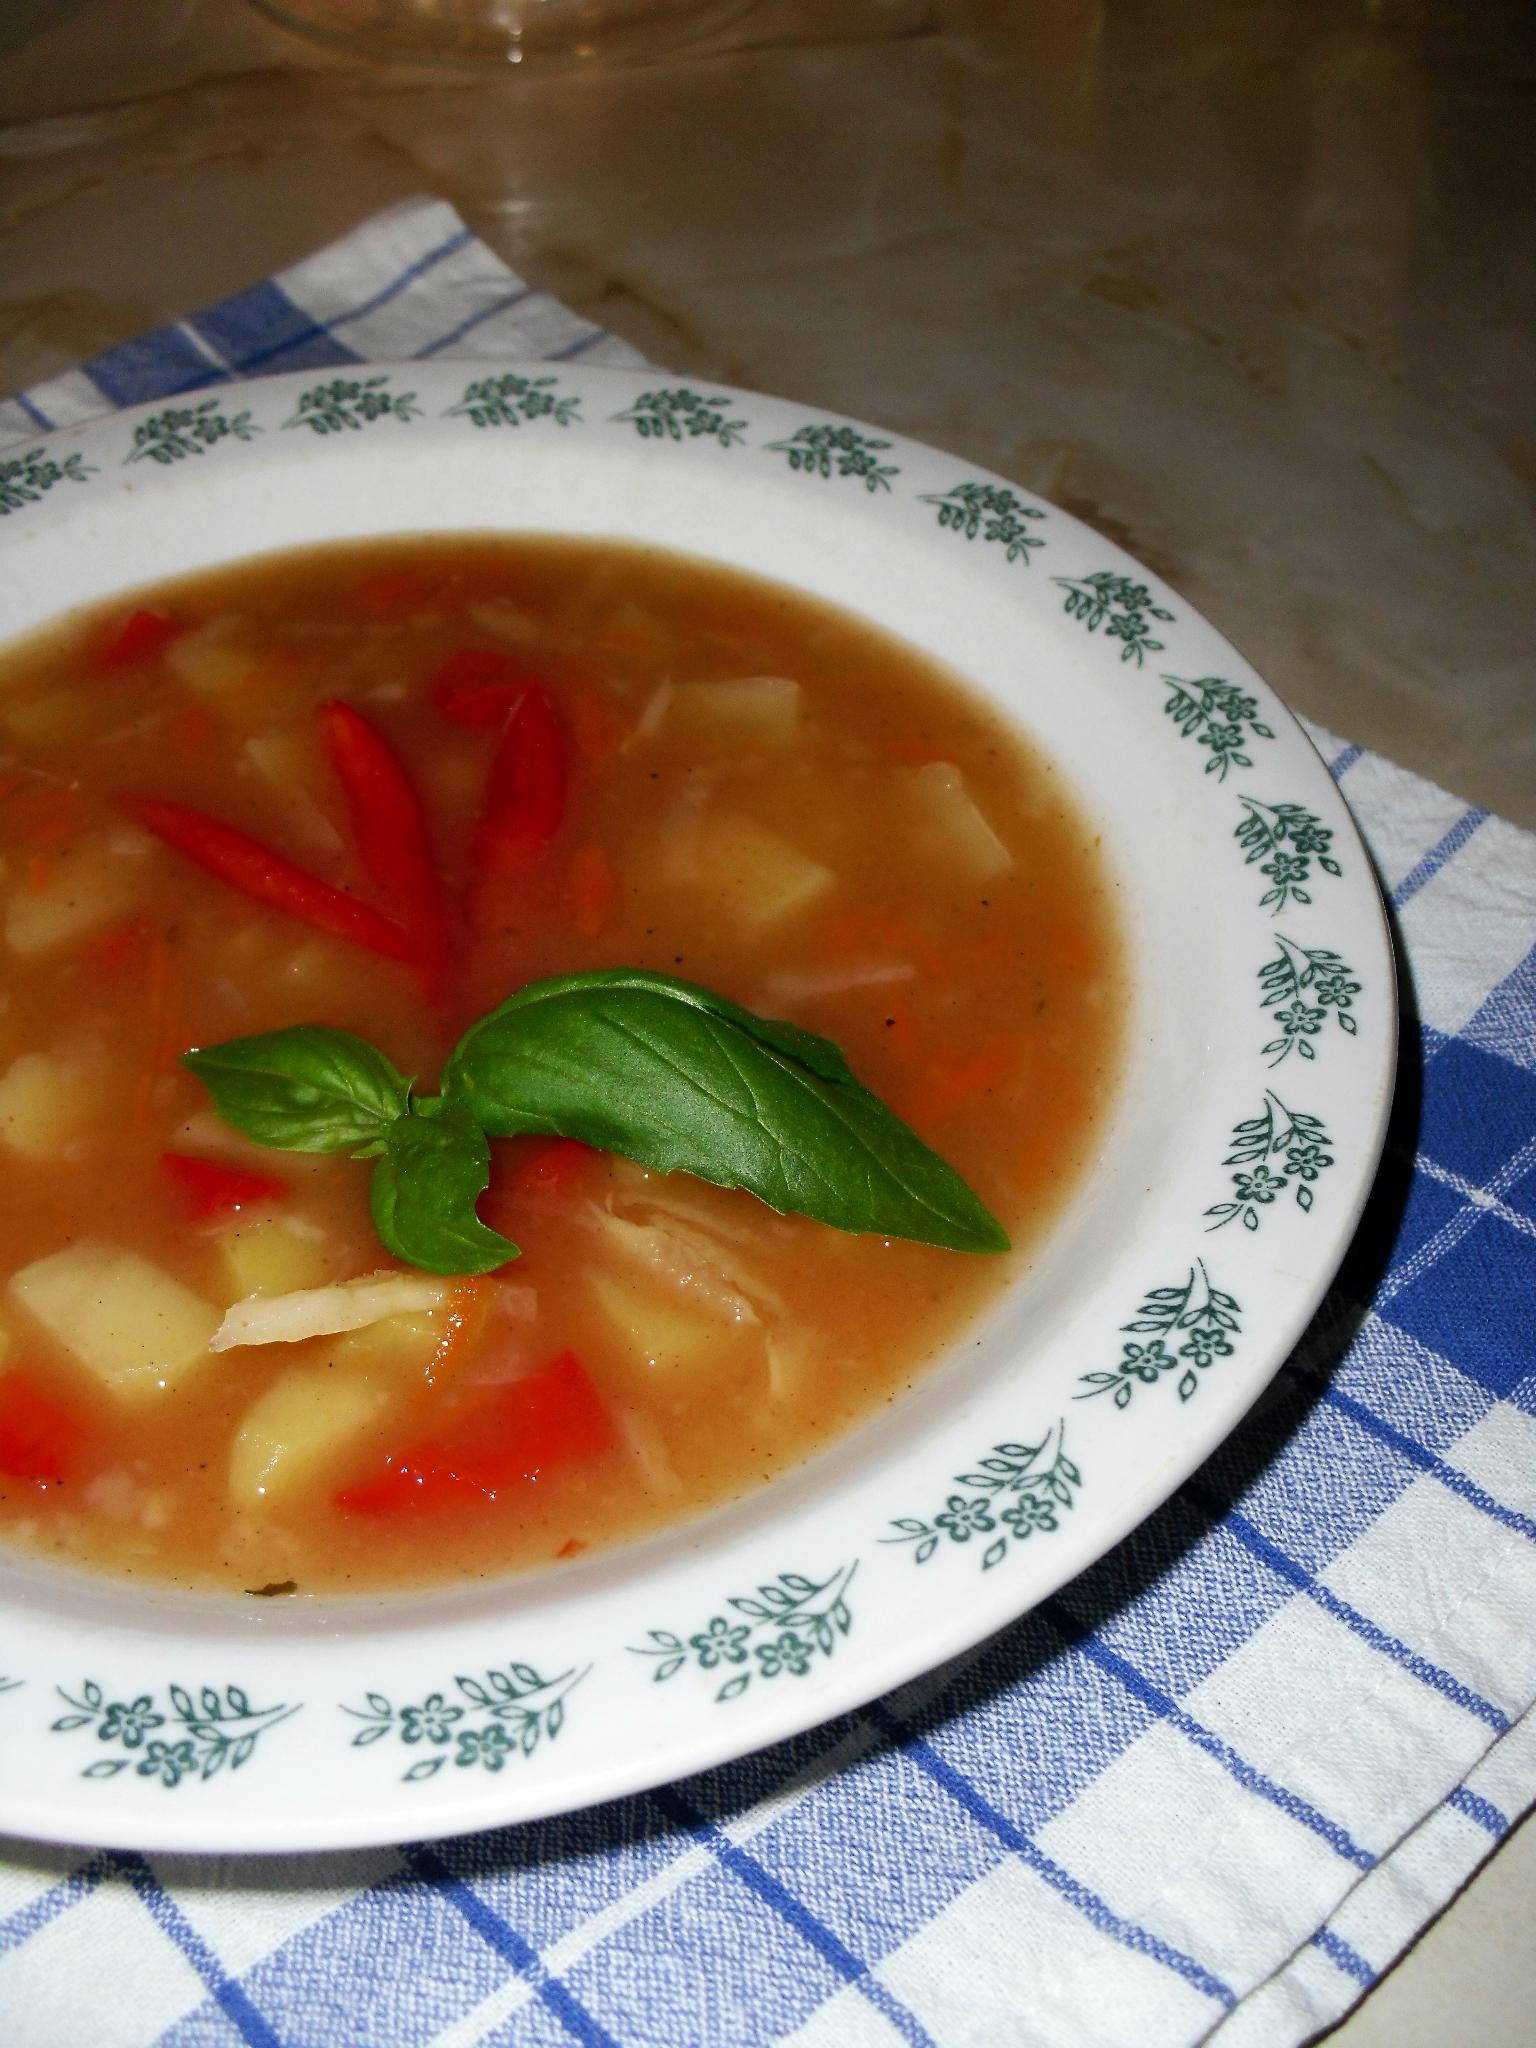 Zupa Ogonowa Przyslijprzepis Pl